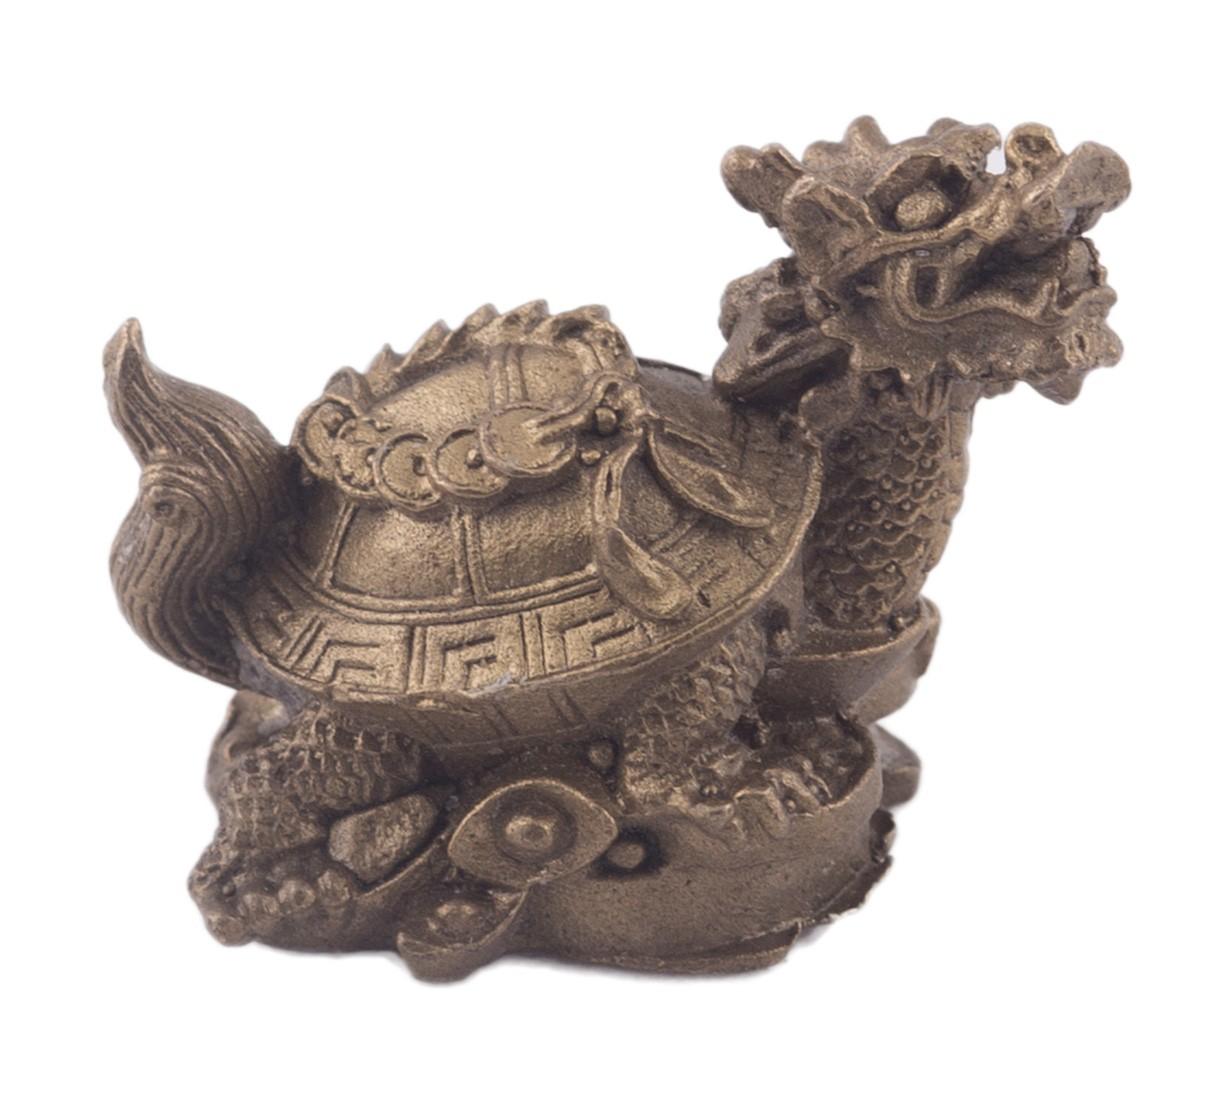 Testoasa - Dragon cu sirag de monede - bronz - marime mica